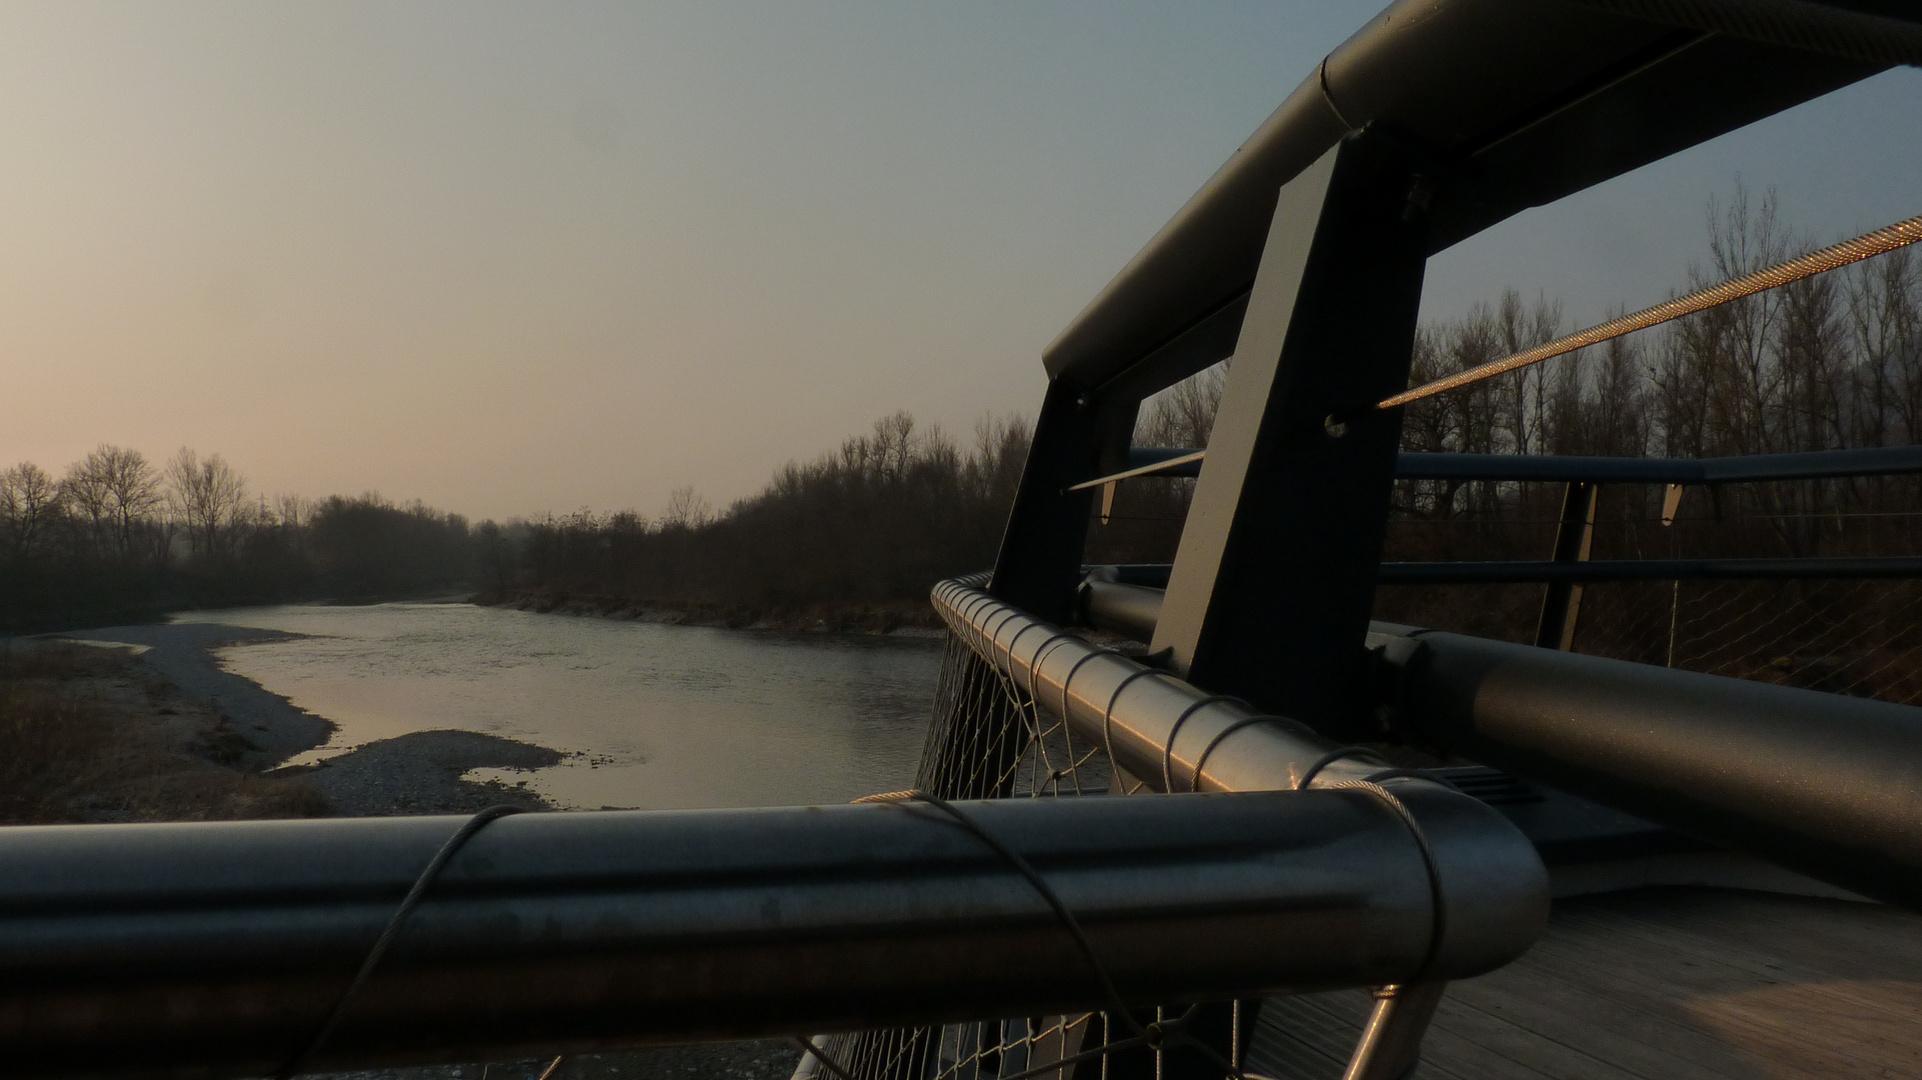 Lumiere d'un pont